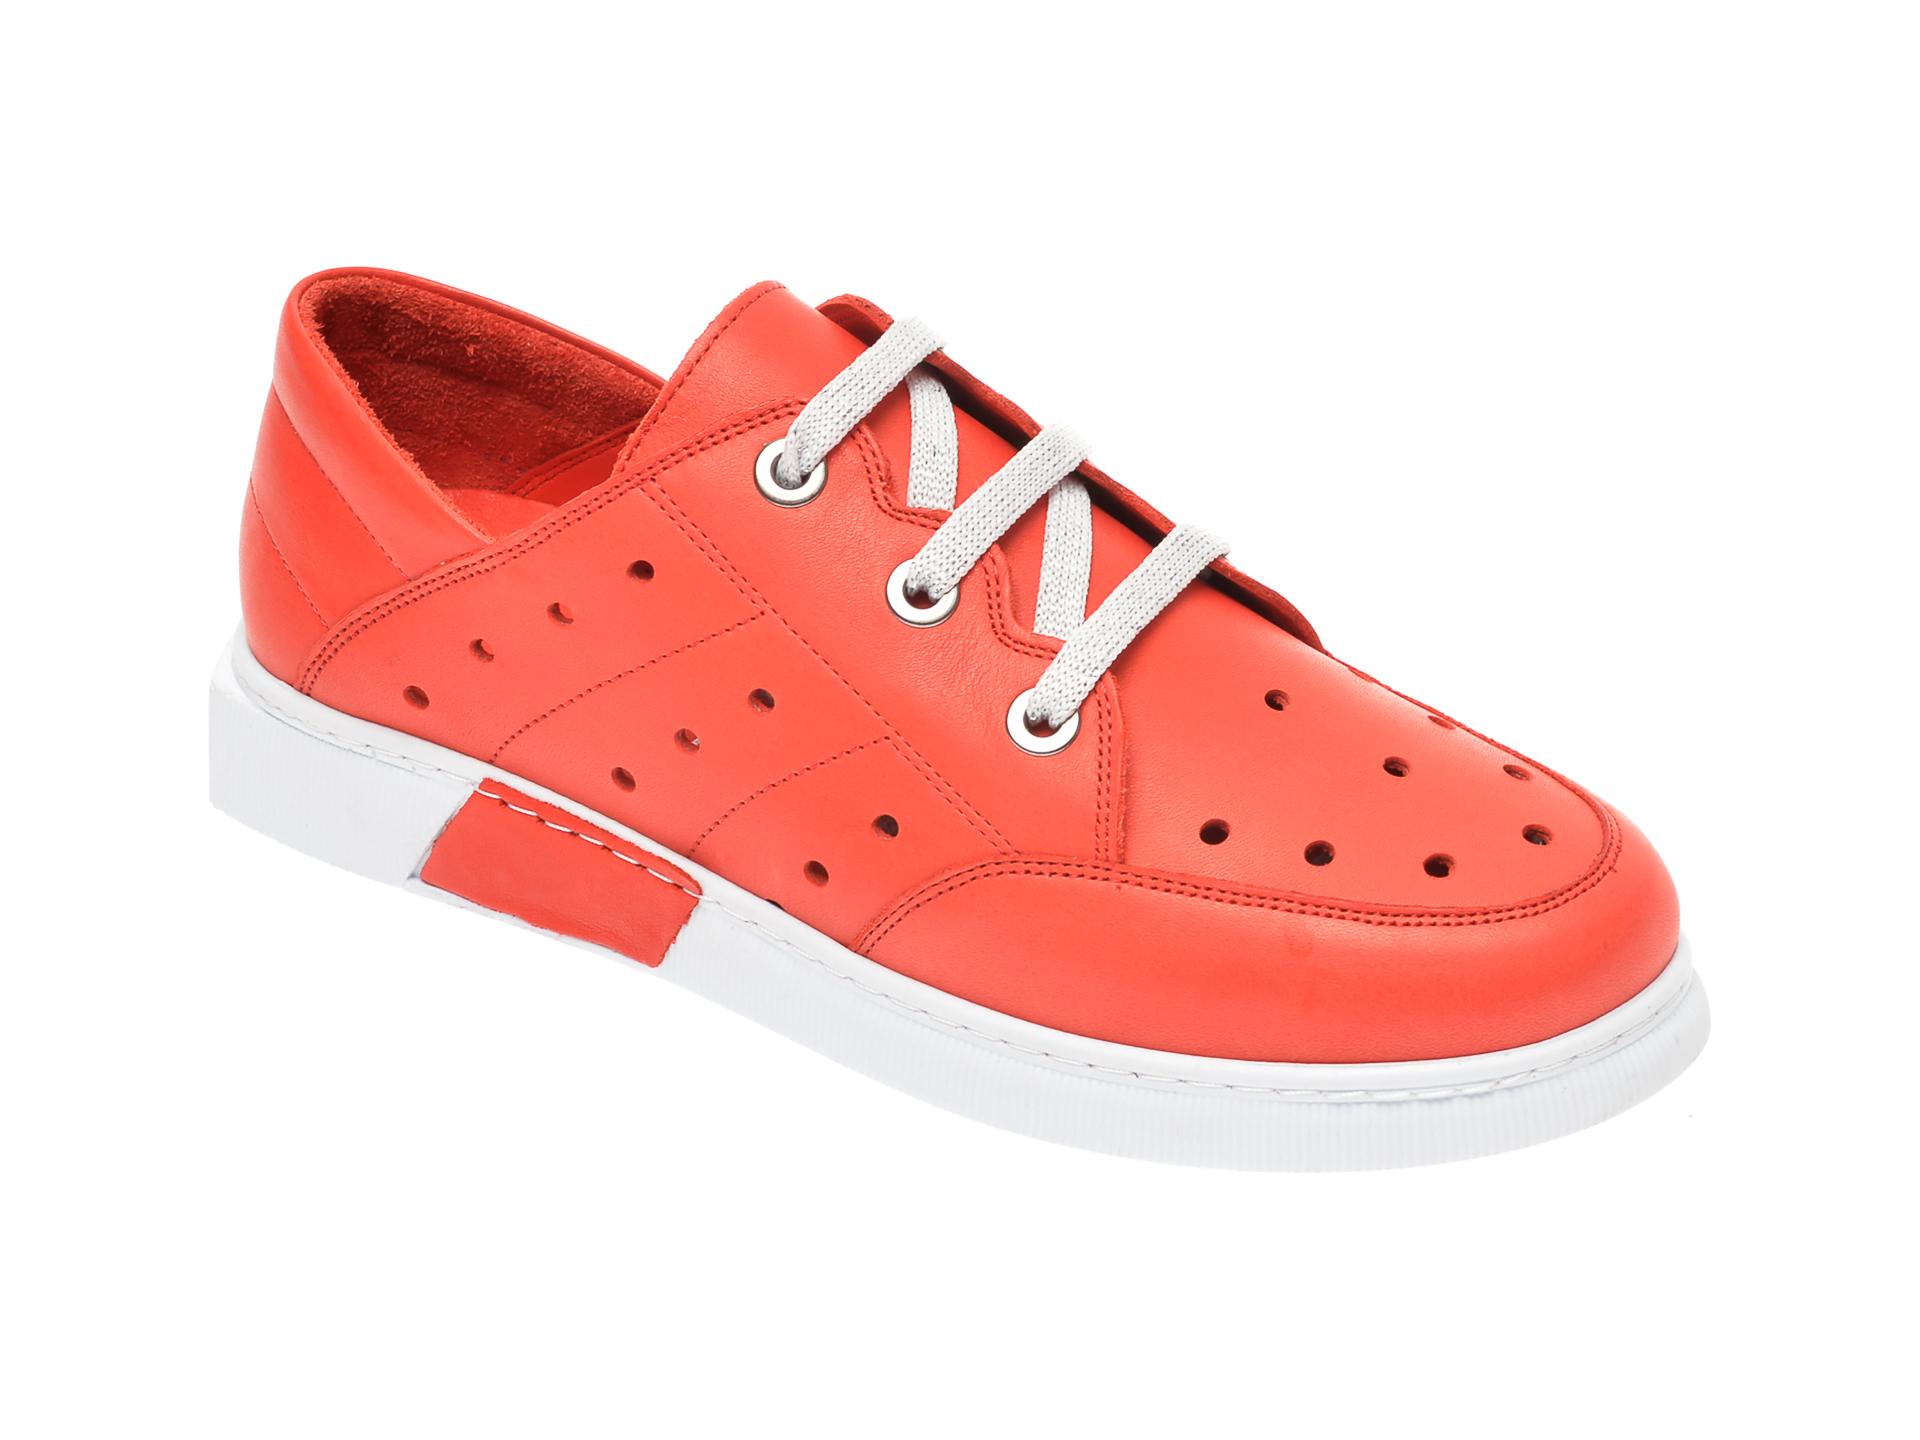 Pantofi FLAVIA PASSINI rosii, 645435, din piele naturala